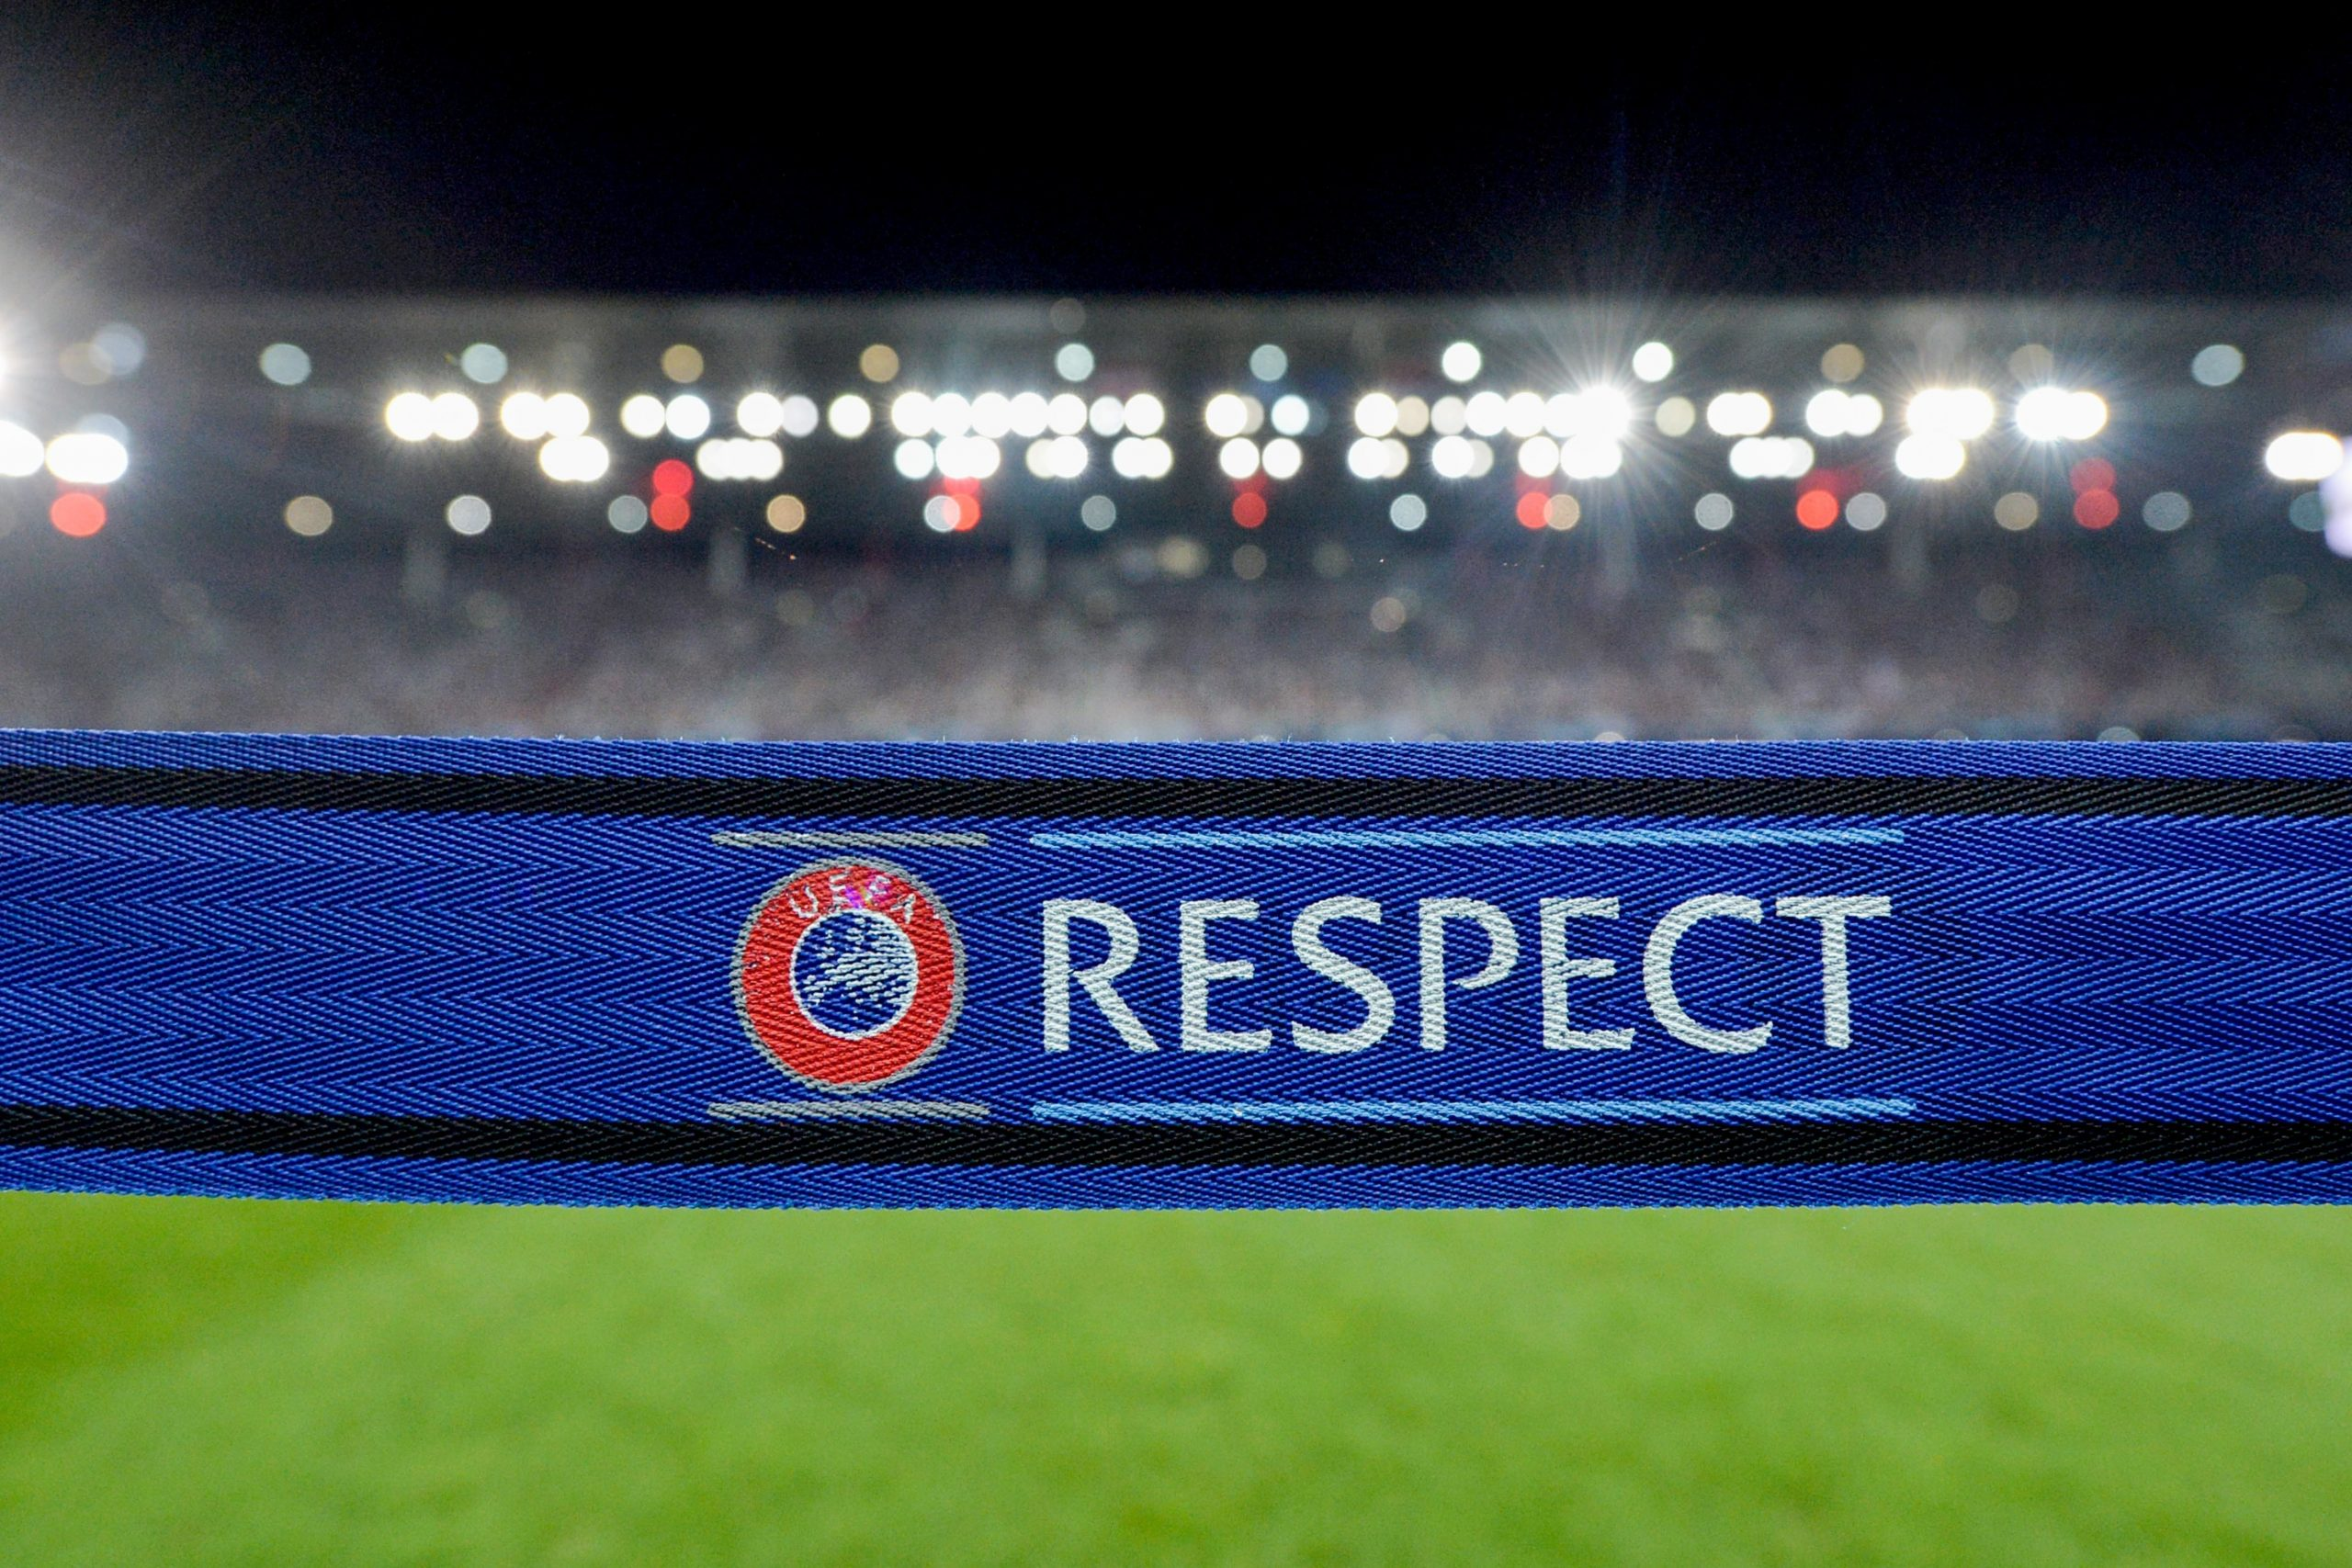 L'UEFA pourrait être amené à suspendre le Fair-Play Financier pour le prochain mercato, selon un agent